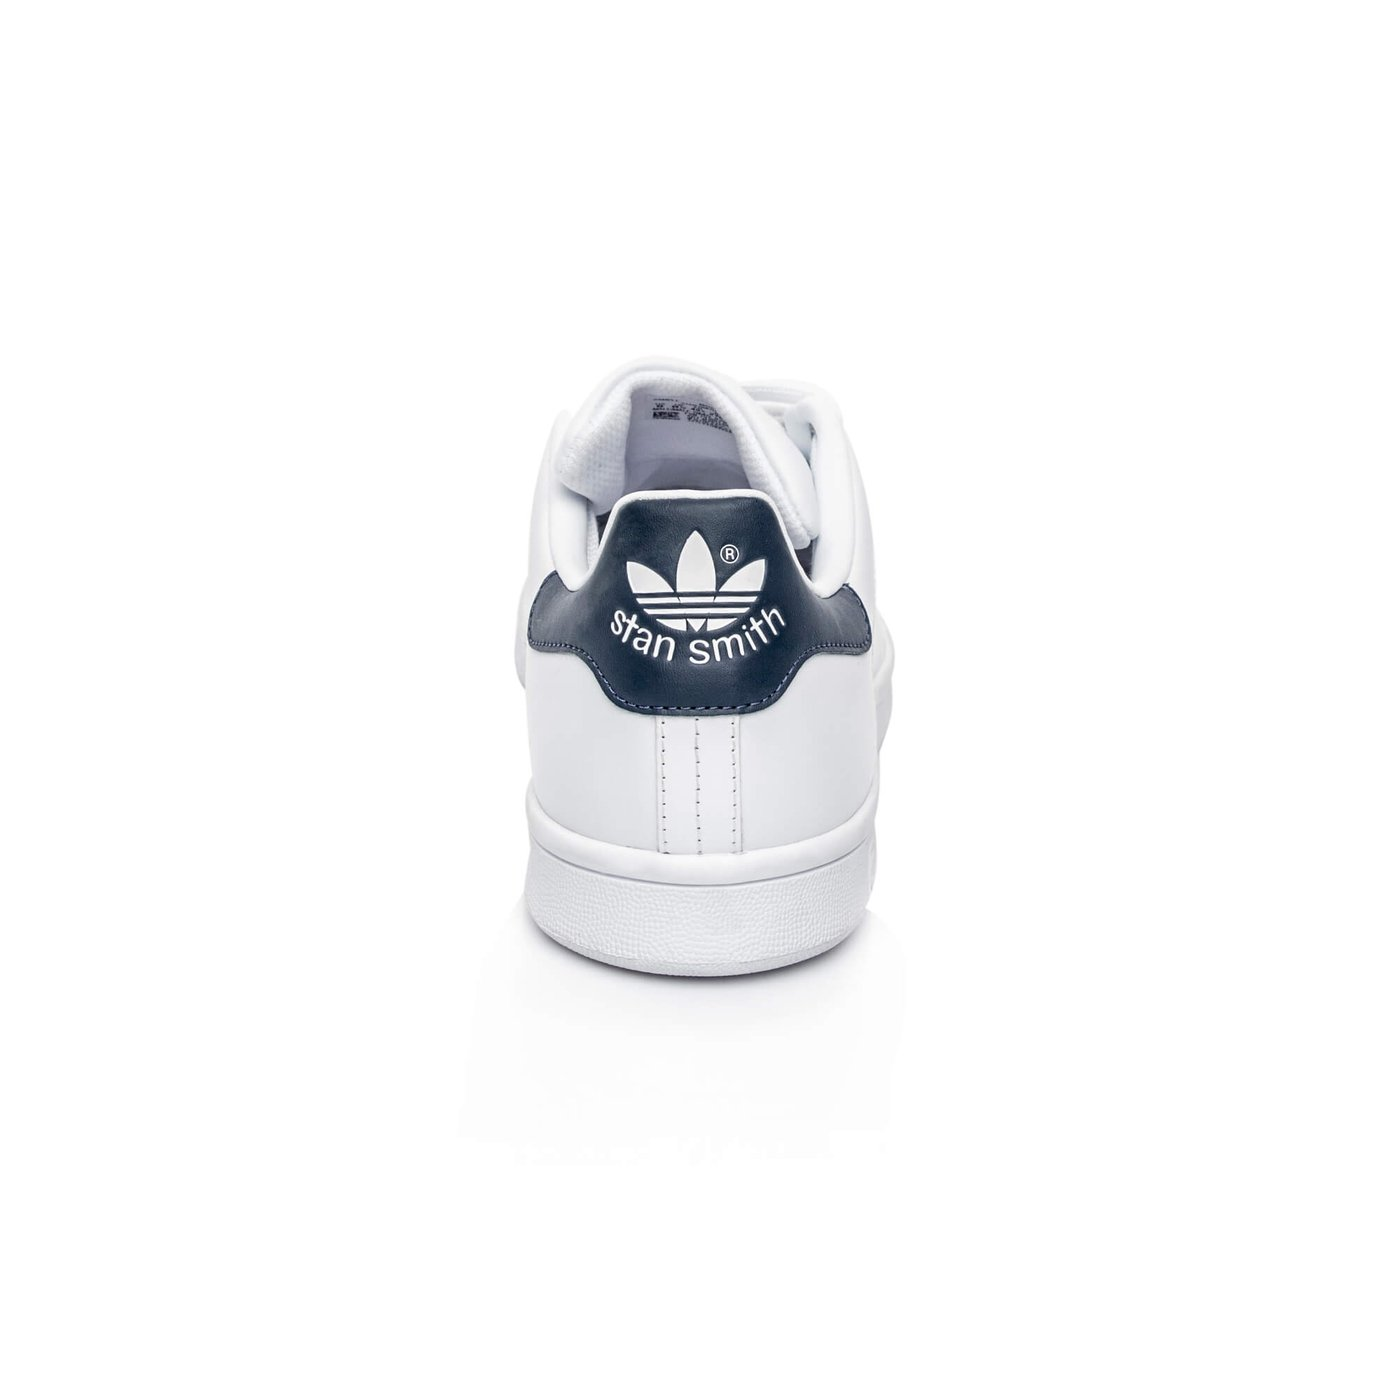 adidas Stan Smith Unisex Beyaz Spor Ayakkabı